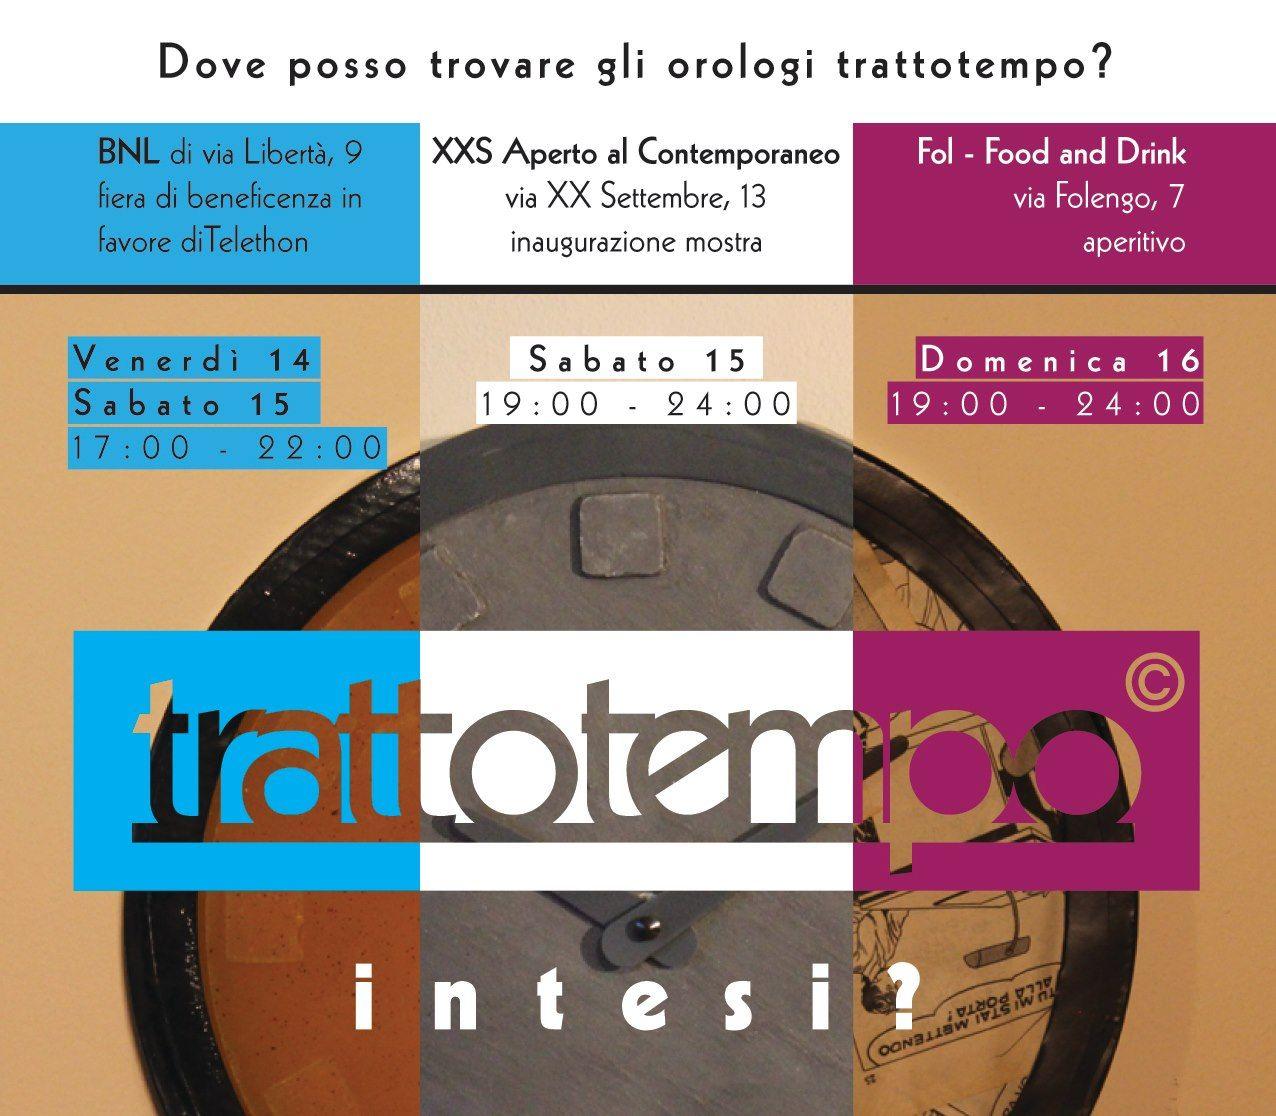 14-15-16 dicembre 2012 // Yes, week-end! #orologio #trattotempo #fabriziopollaci #design #tempo